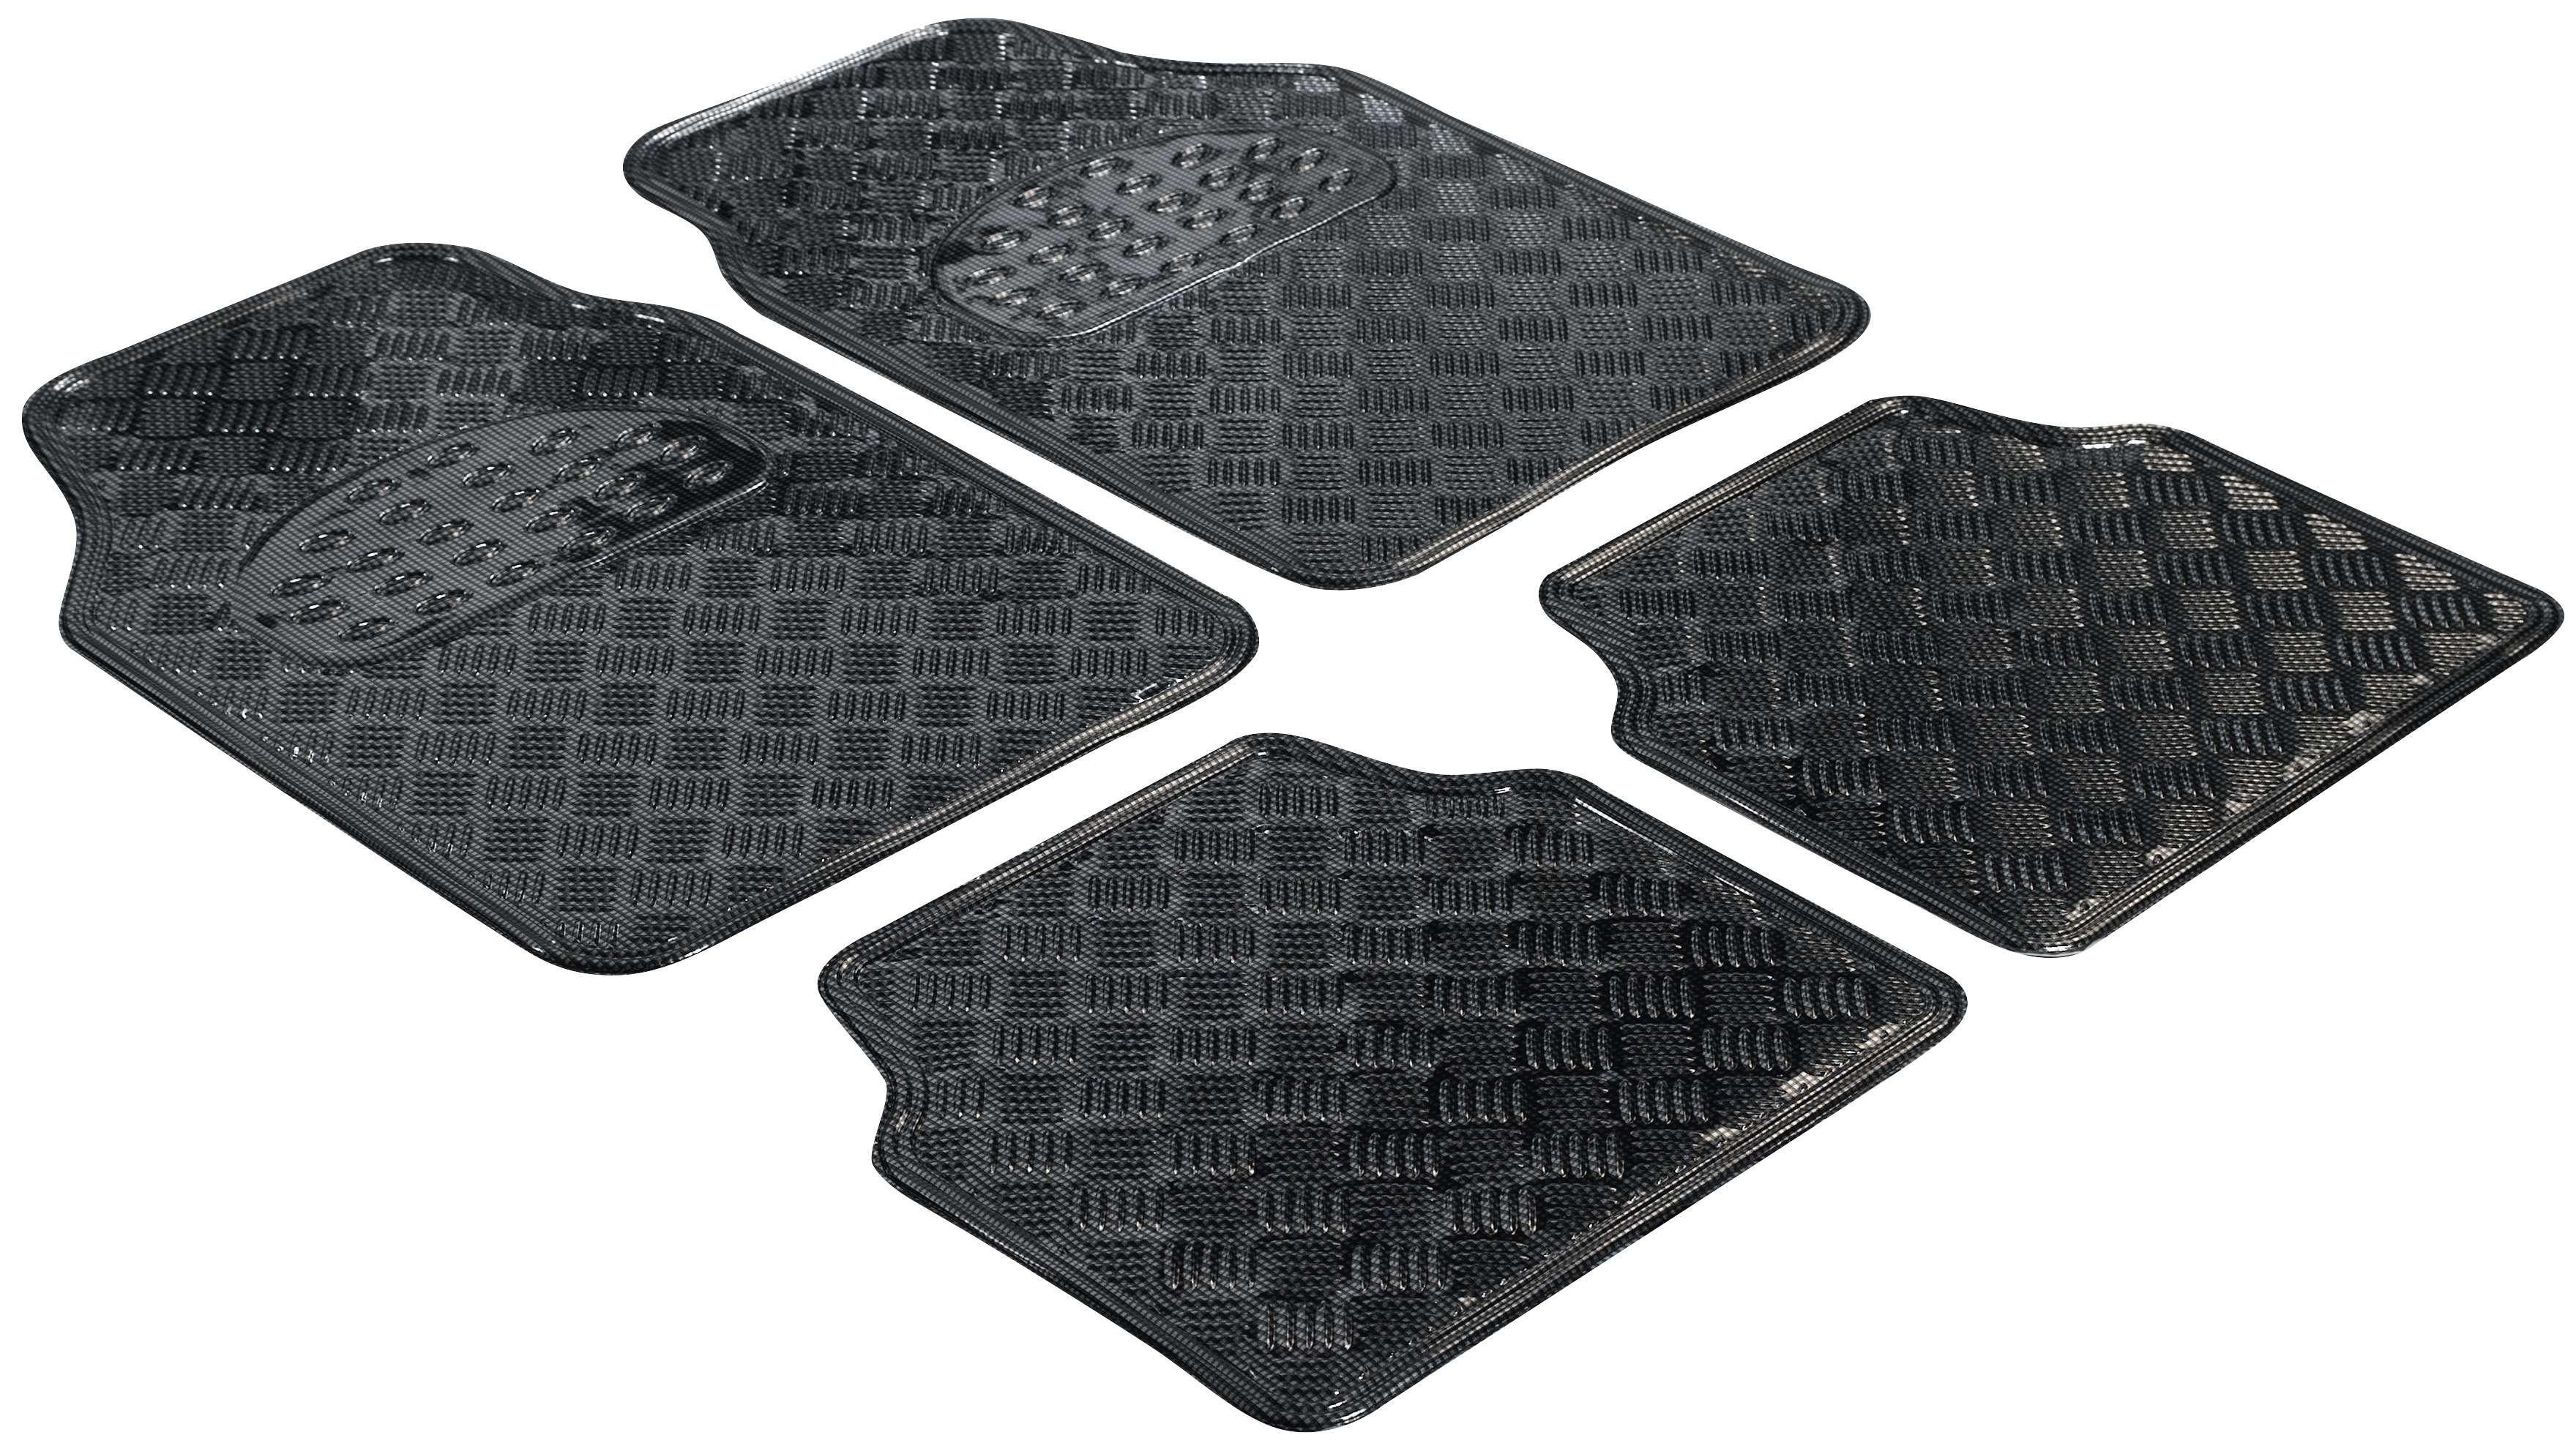 28031 WALSER Metallic , Universeel geschikt Rubber, voor en achter, Aantal: 4, Chroom Grootte: 44.5 x 68.5, Grootte: 44.5 x 40 Vloermatset 28031